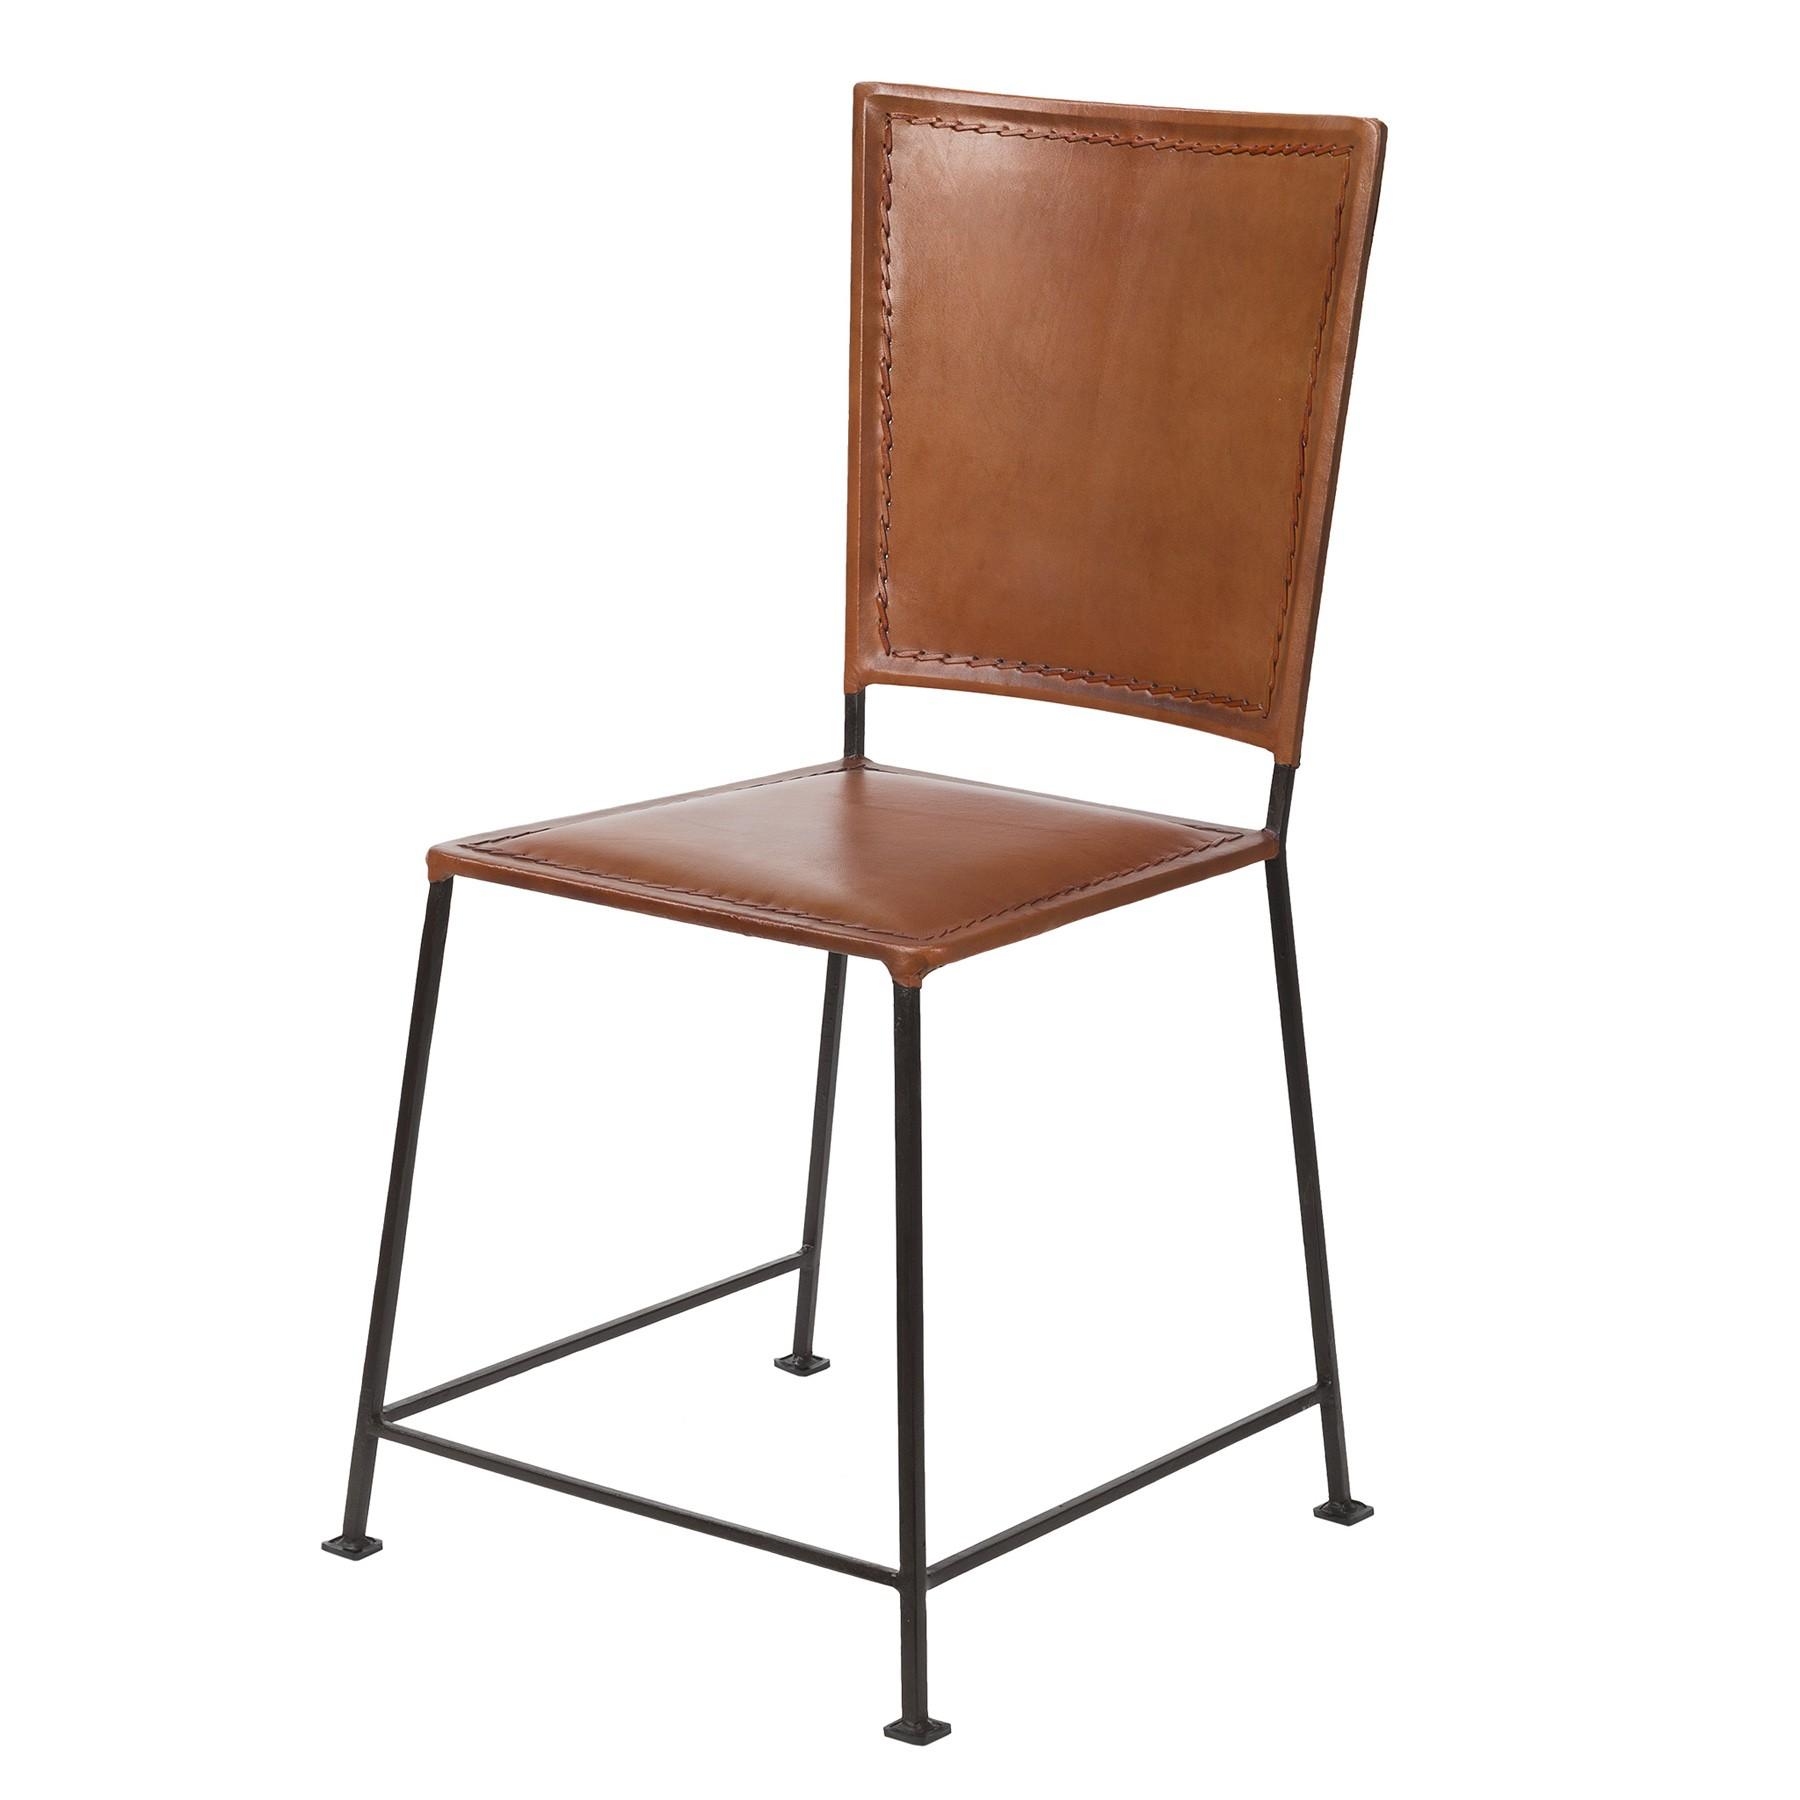 Silla apilable de hierro y cuero marrón - Sillas en BECARA